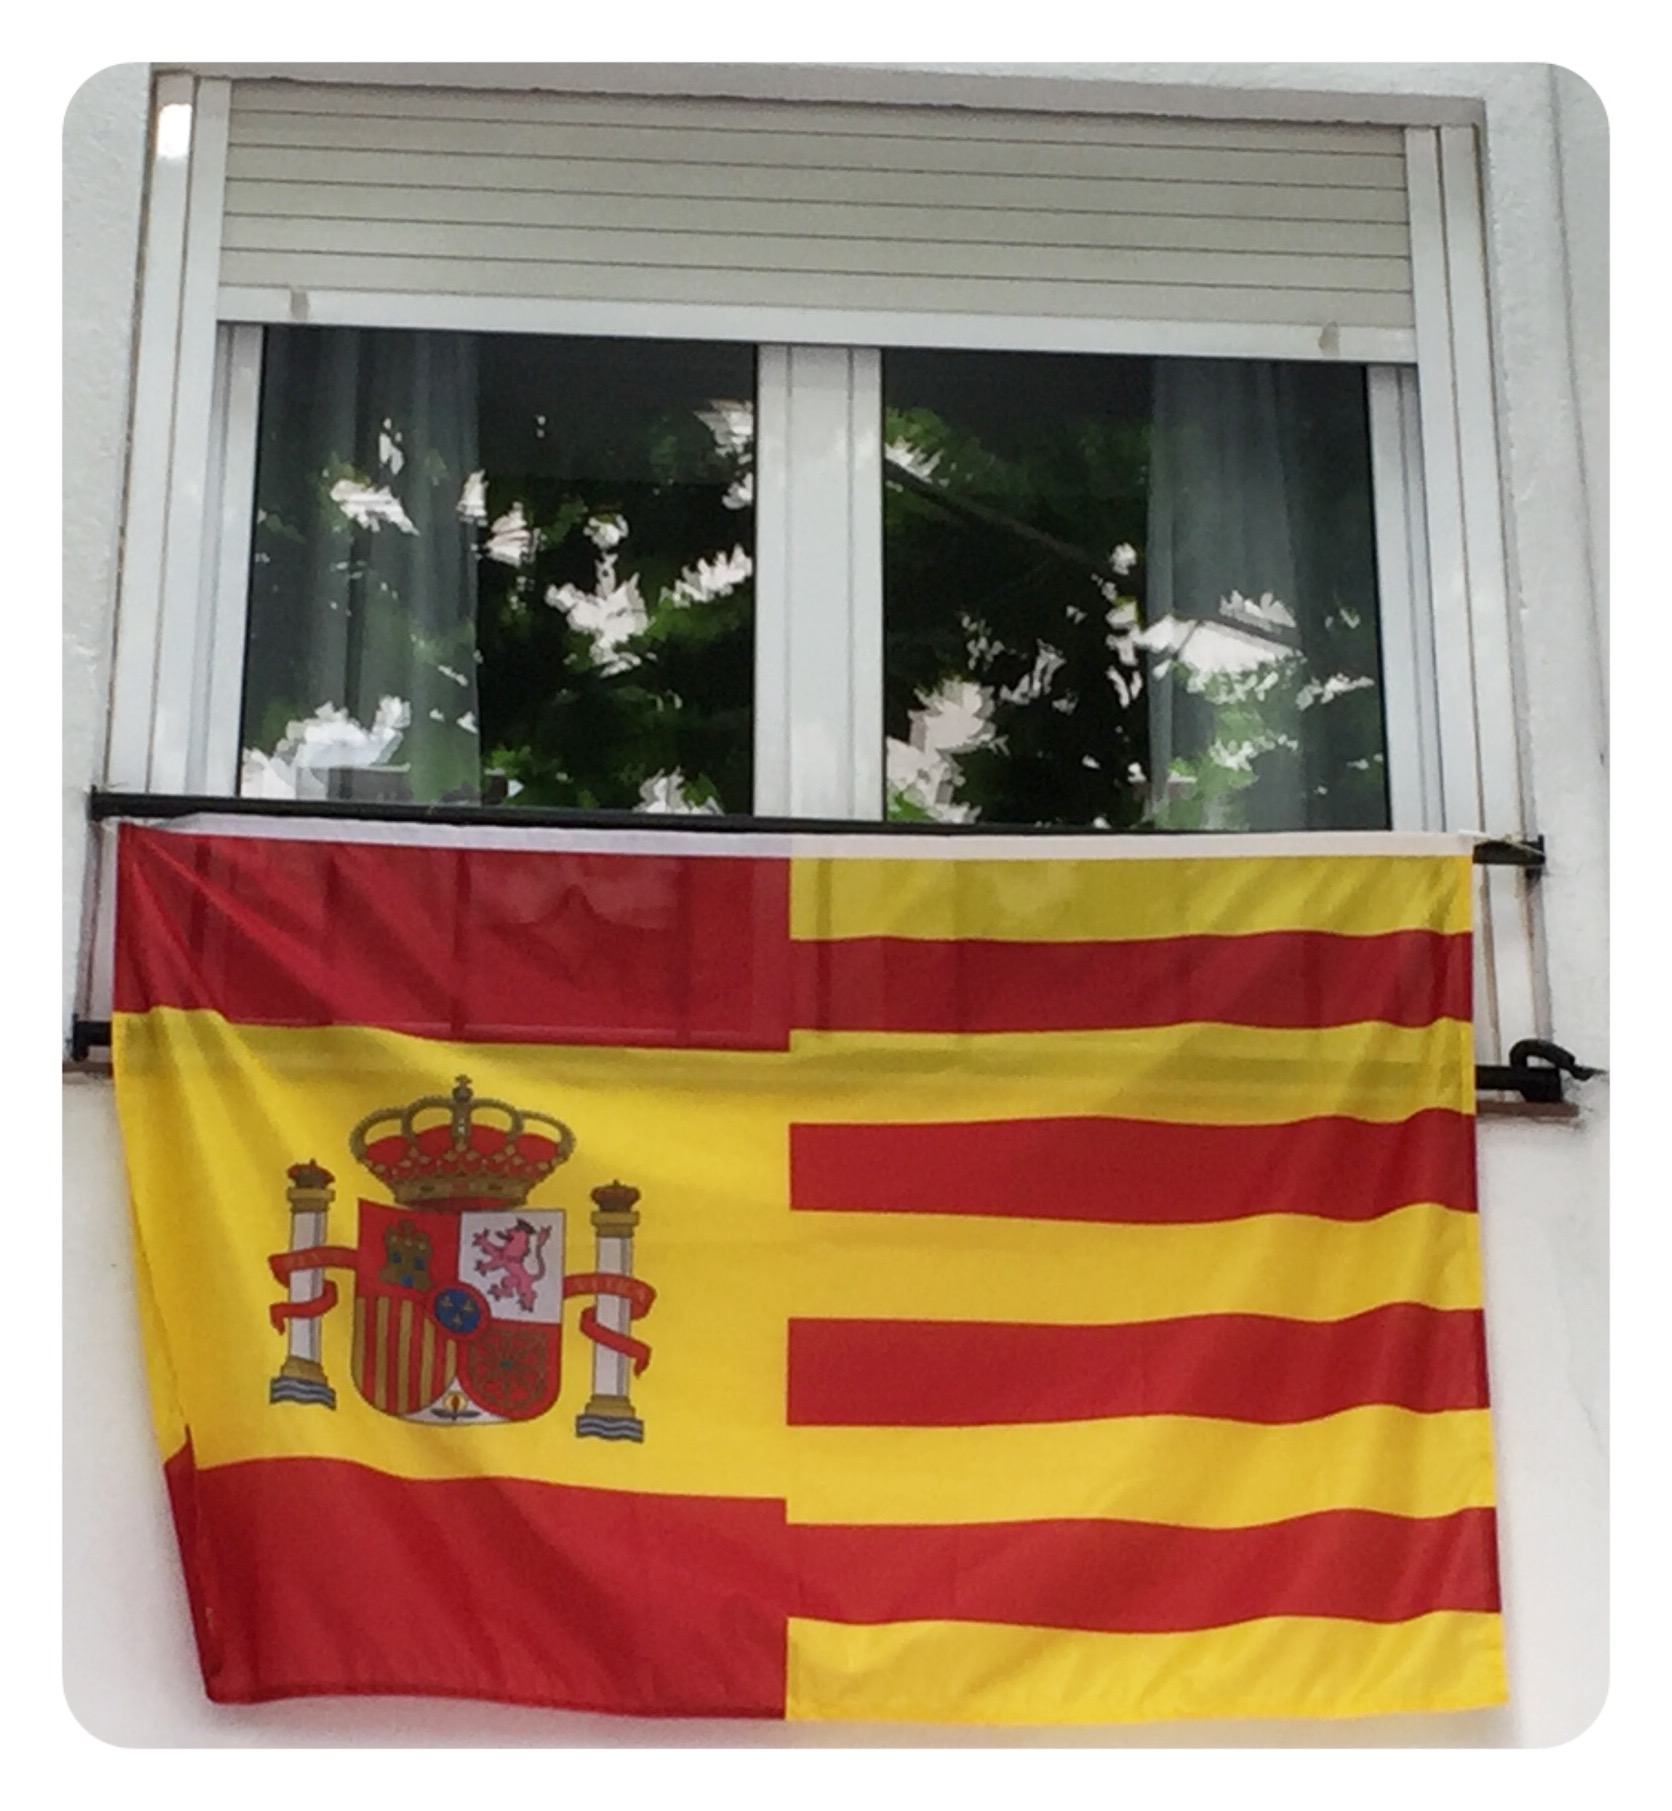 816b2f899917d Comprar Bandera España con escudo y Cataluña - Comprarbanderas.es